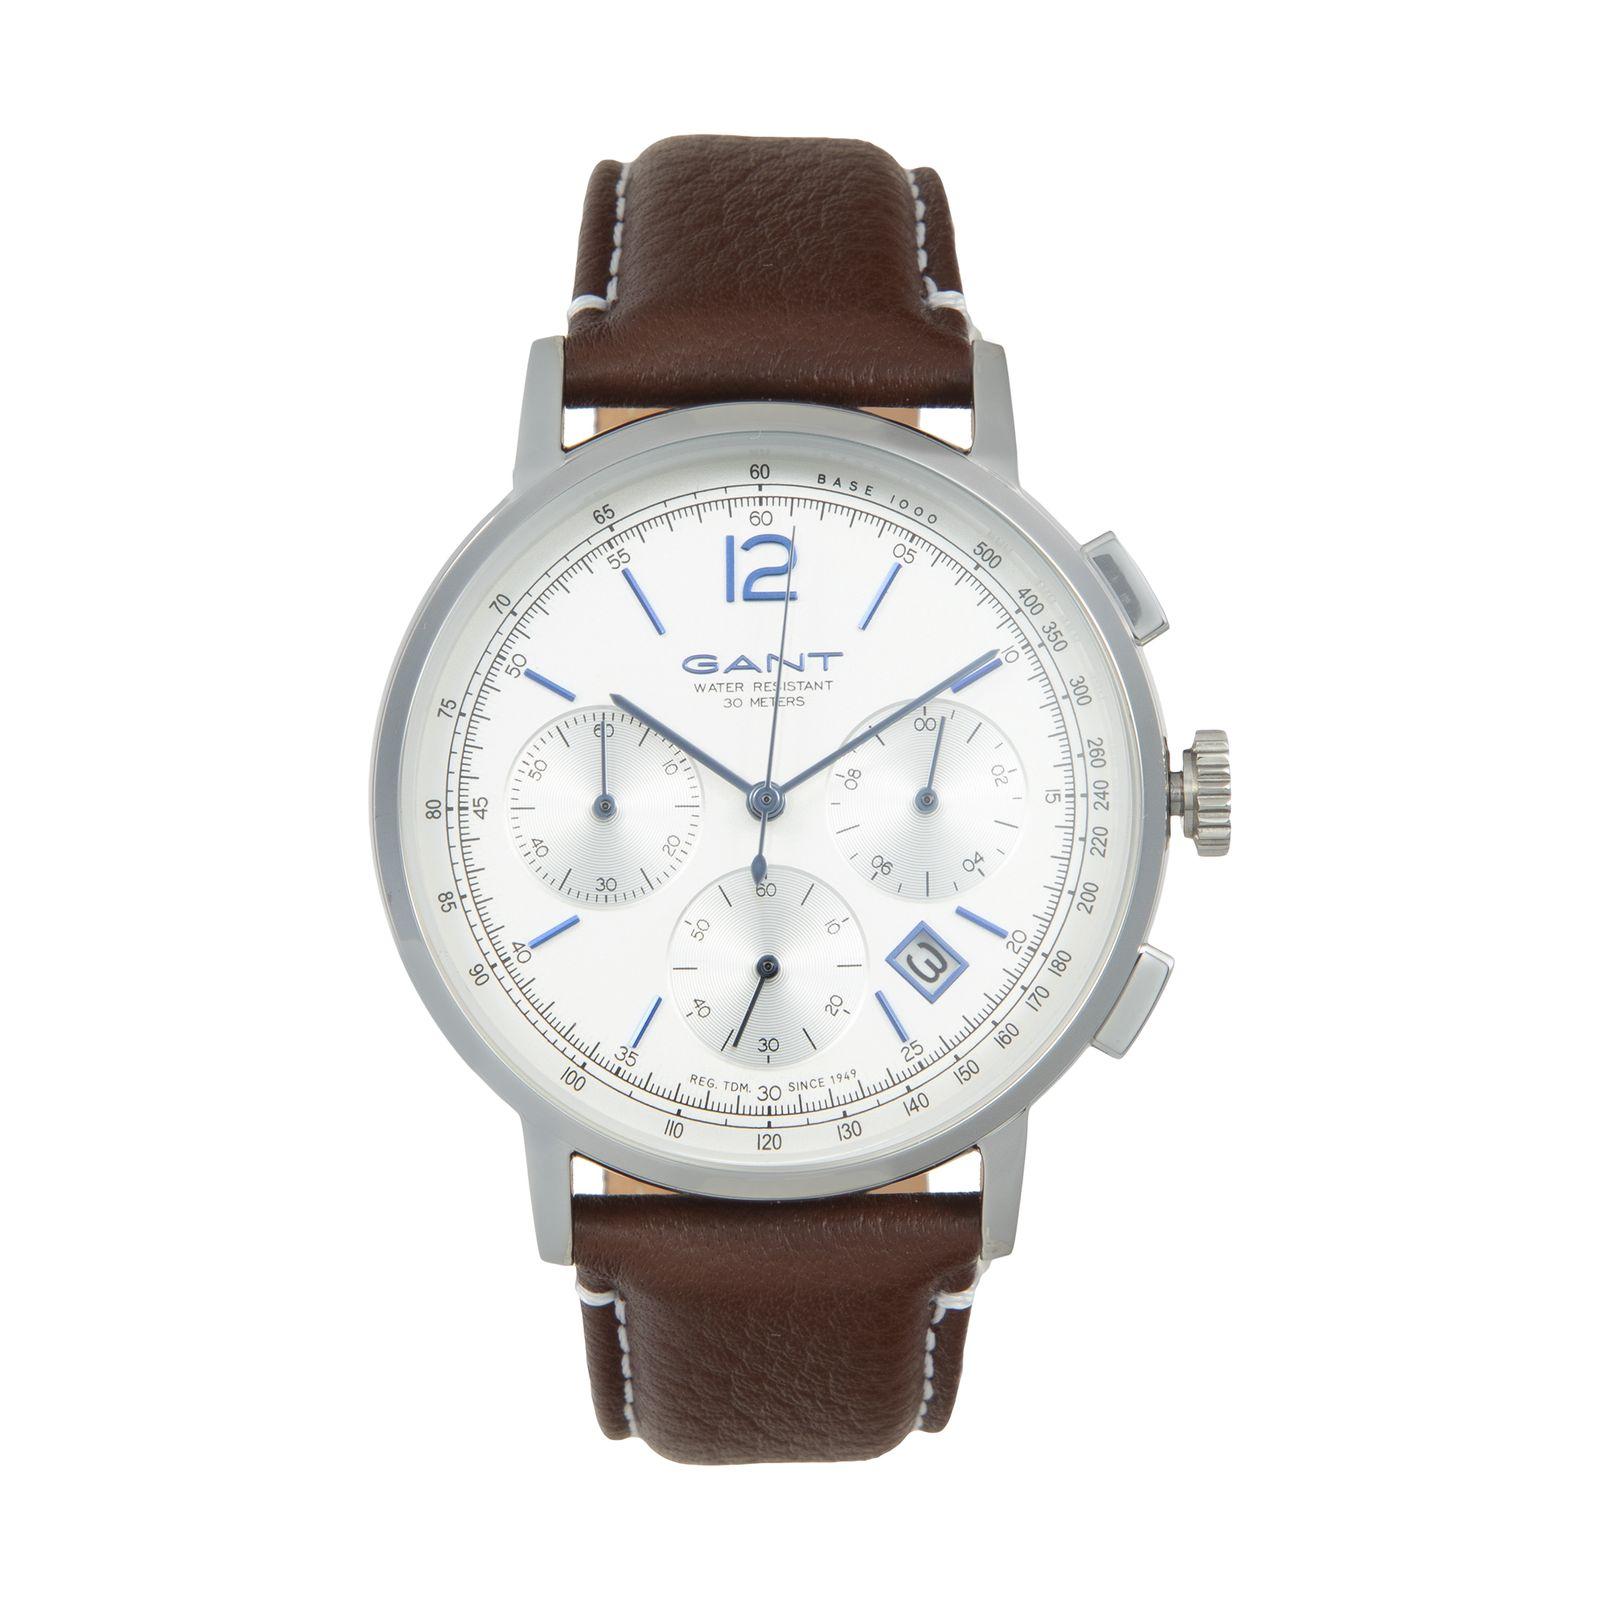 ساعت مچی عقربه ای مردانه گنت مدل GWW079001 -  - 2